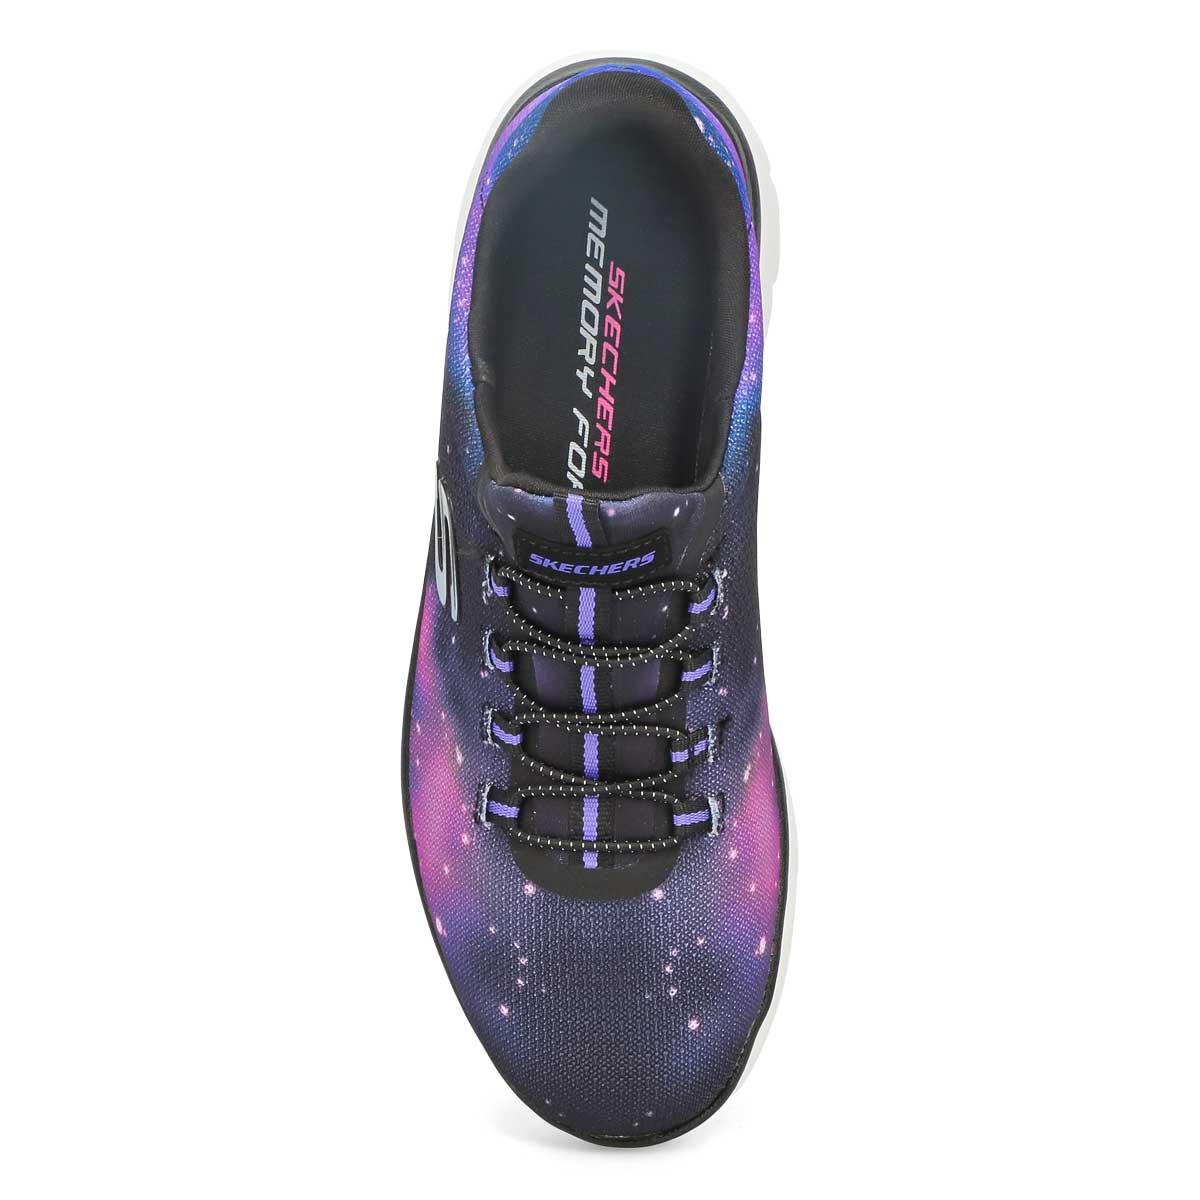 Women's Summits Sneaker - Galaxy